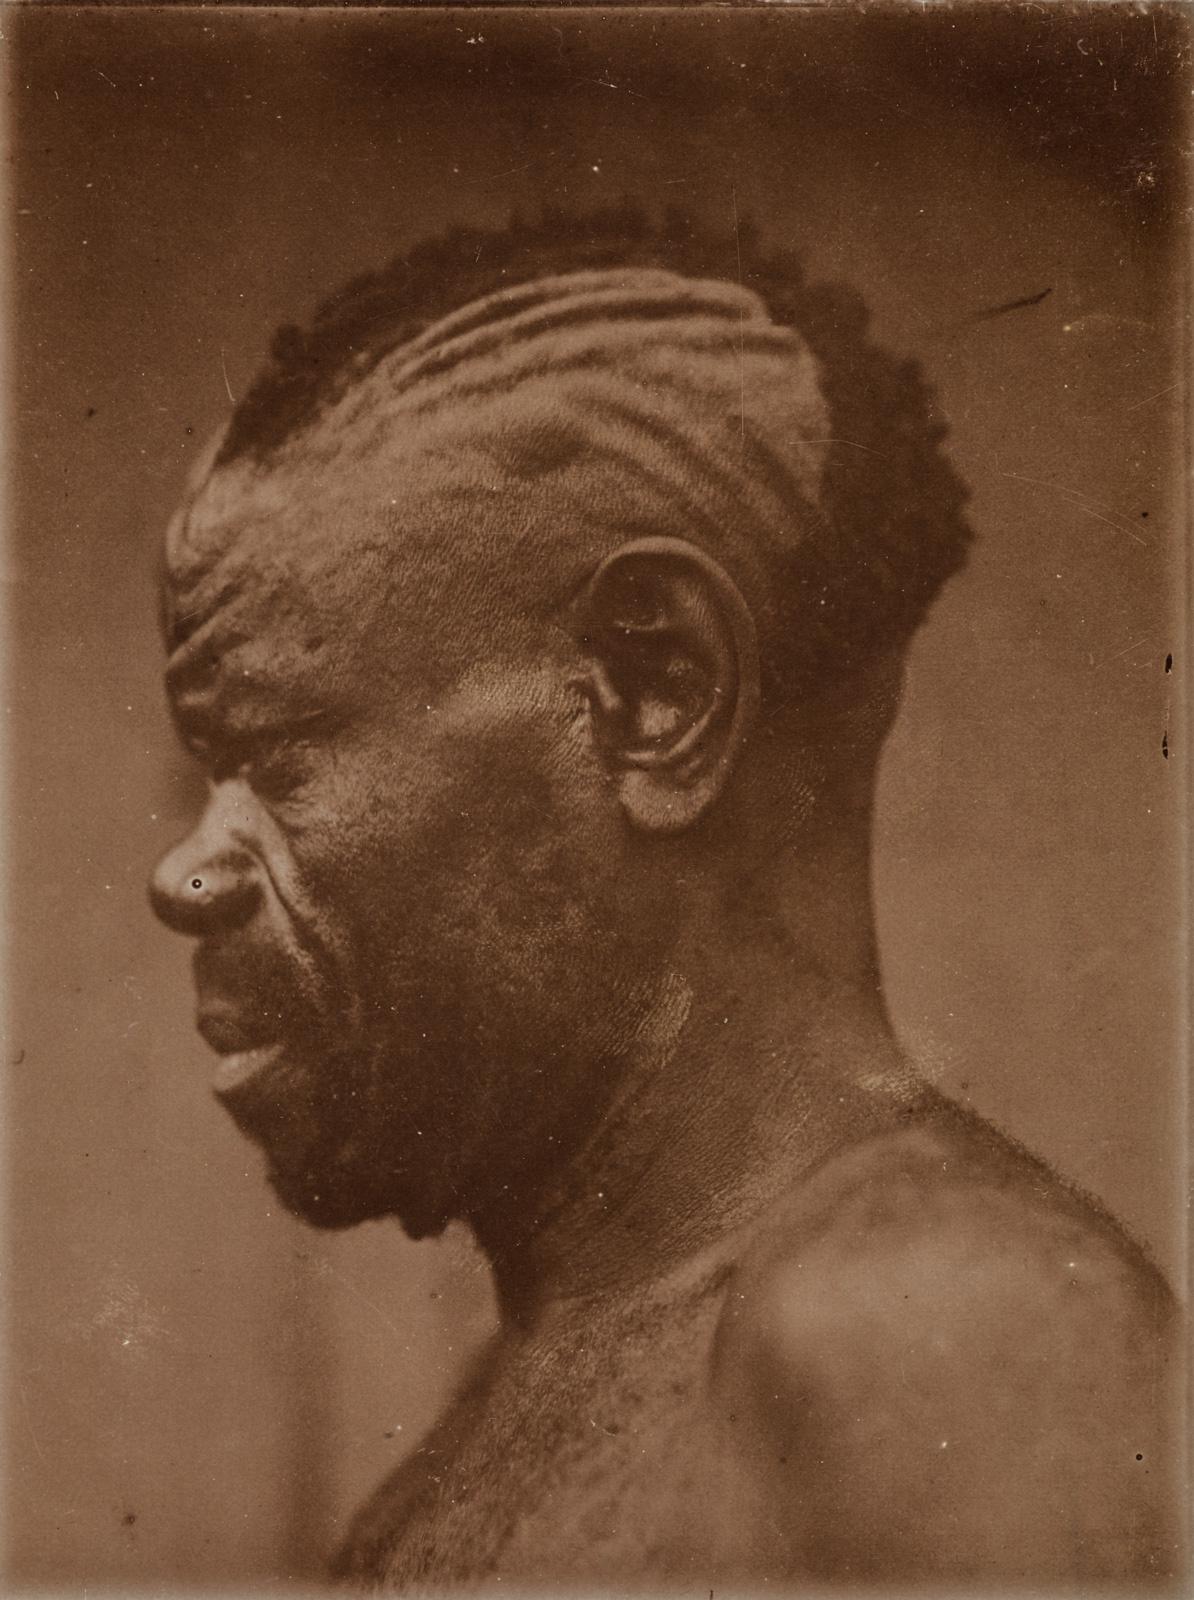 Снимок аборигена в профиль